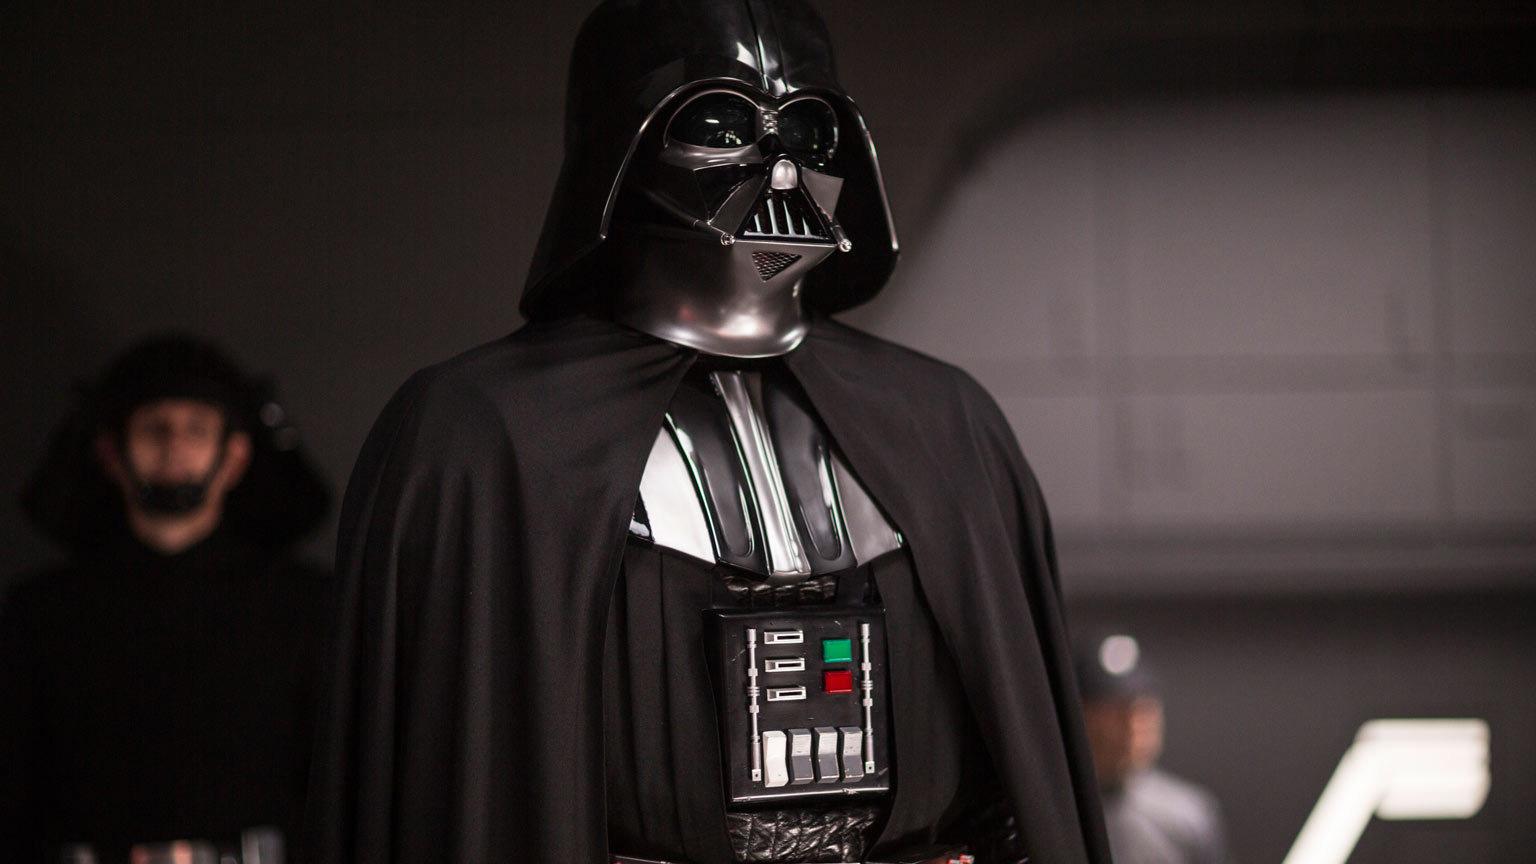 Rogue one das gr te logikloch im film ist gar keins - Star wars couchtisch ...